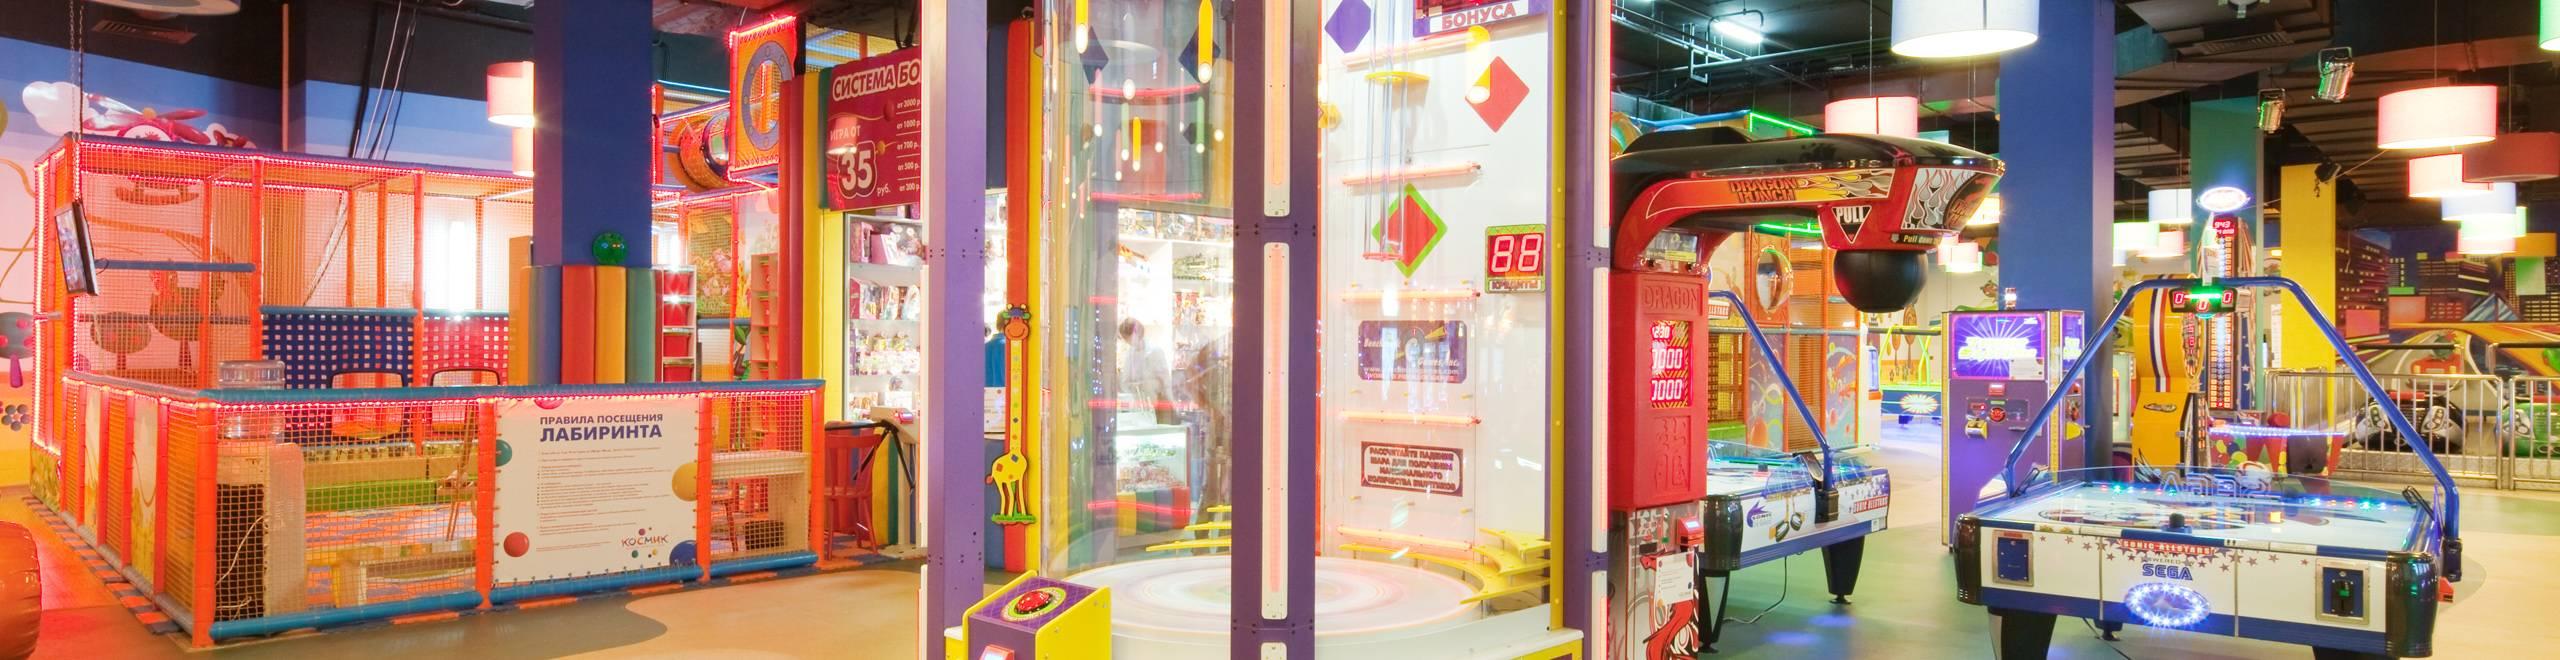 Игровые аппараты, ярославль, вакансии фери ленд игровые автоматы бесплатно